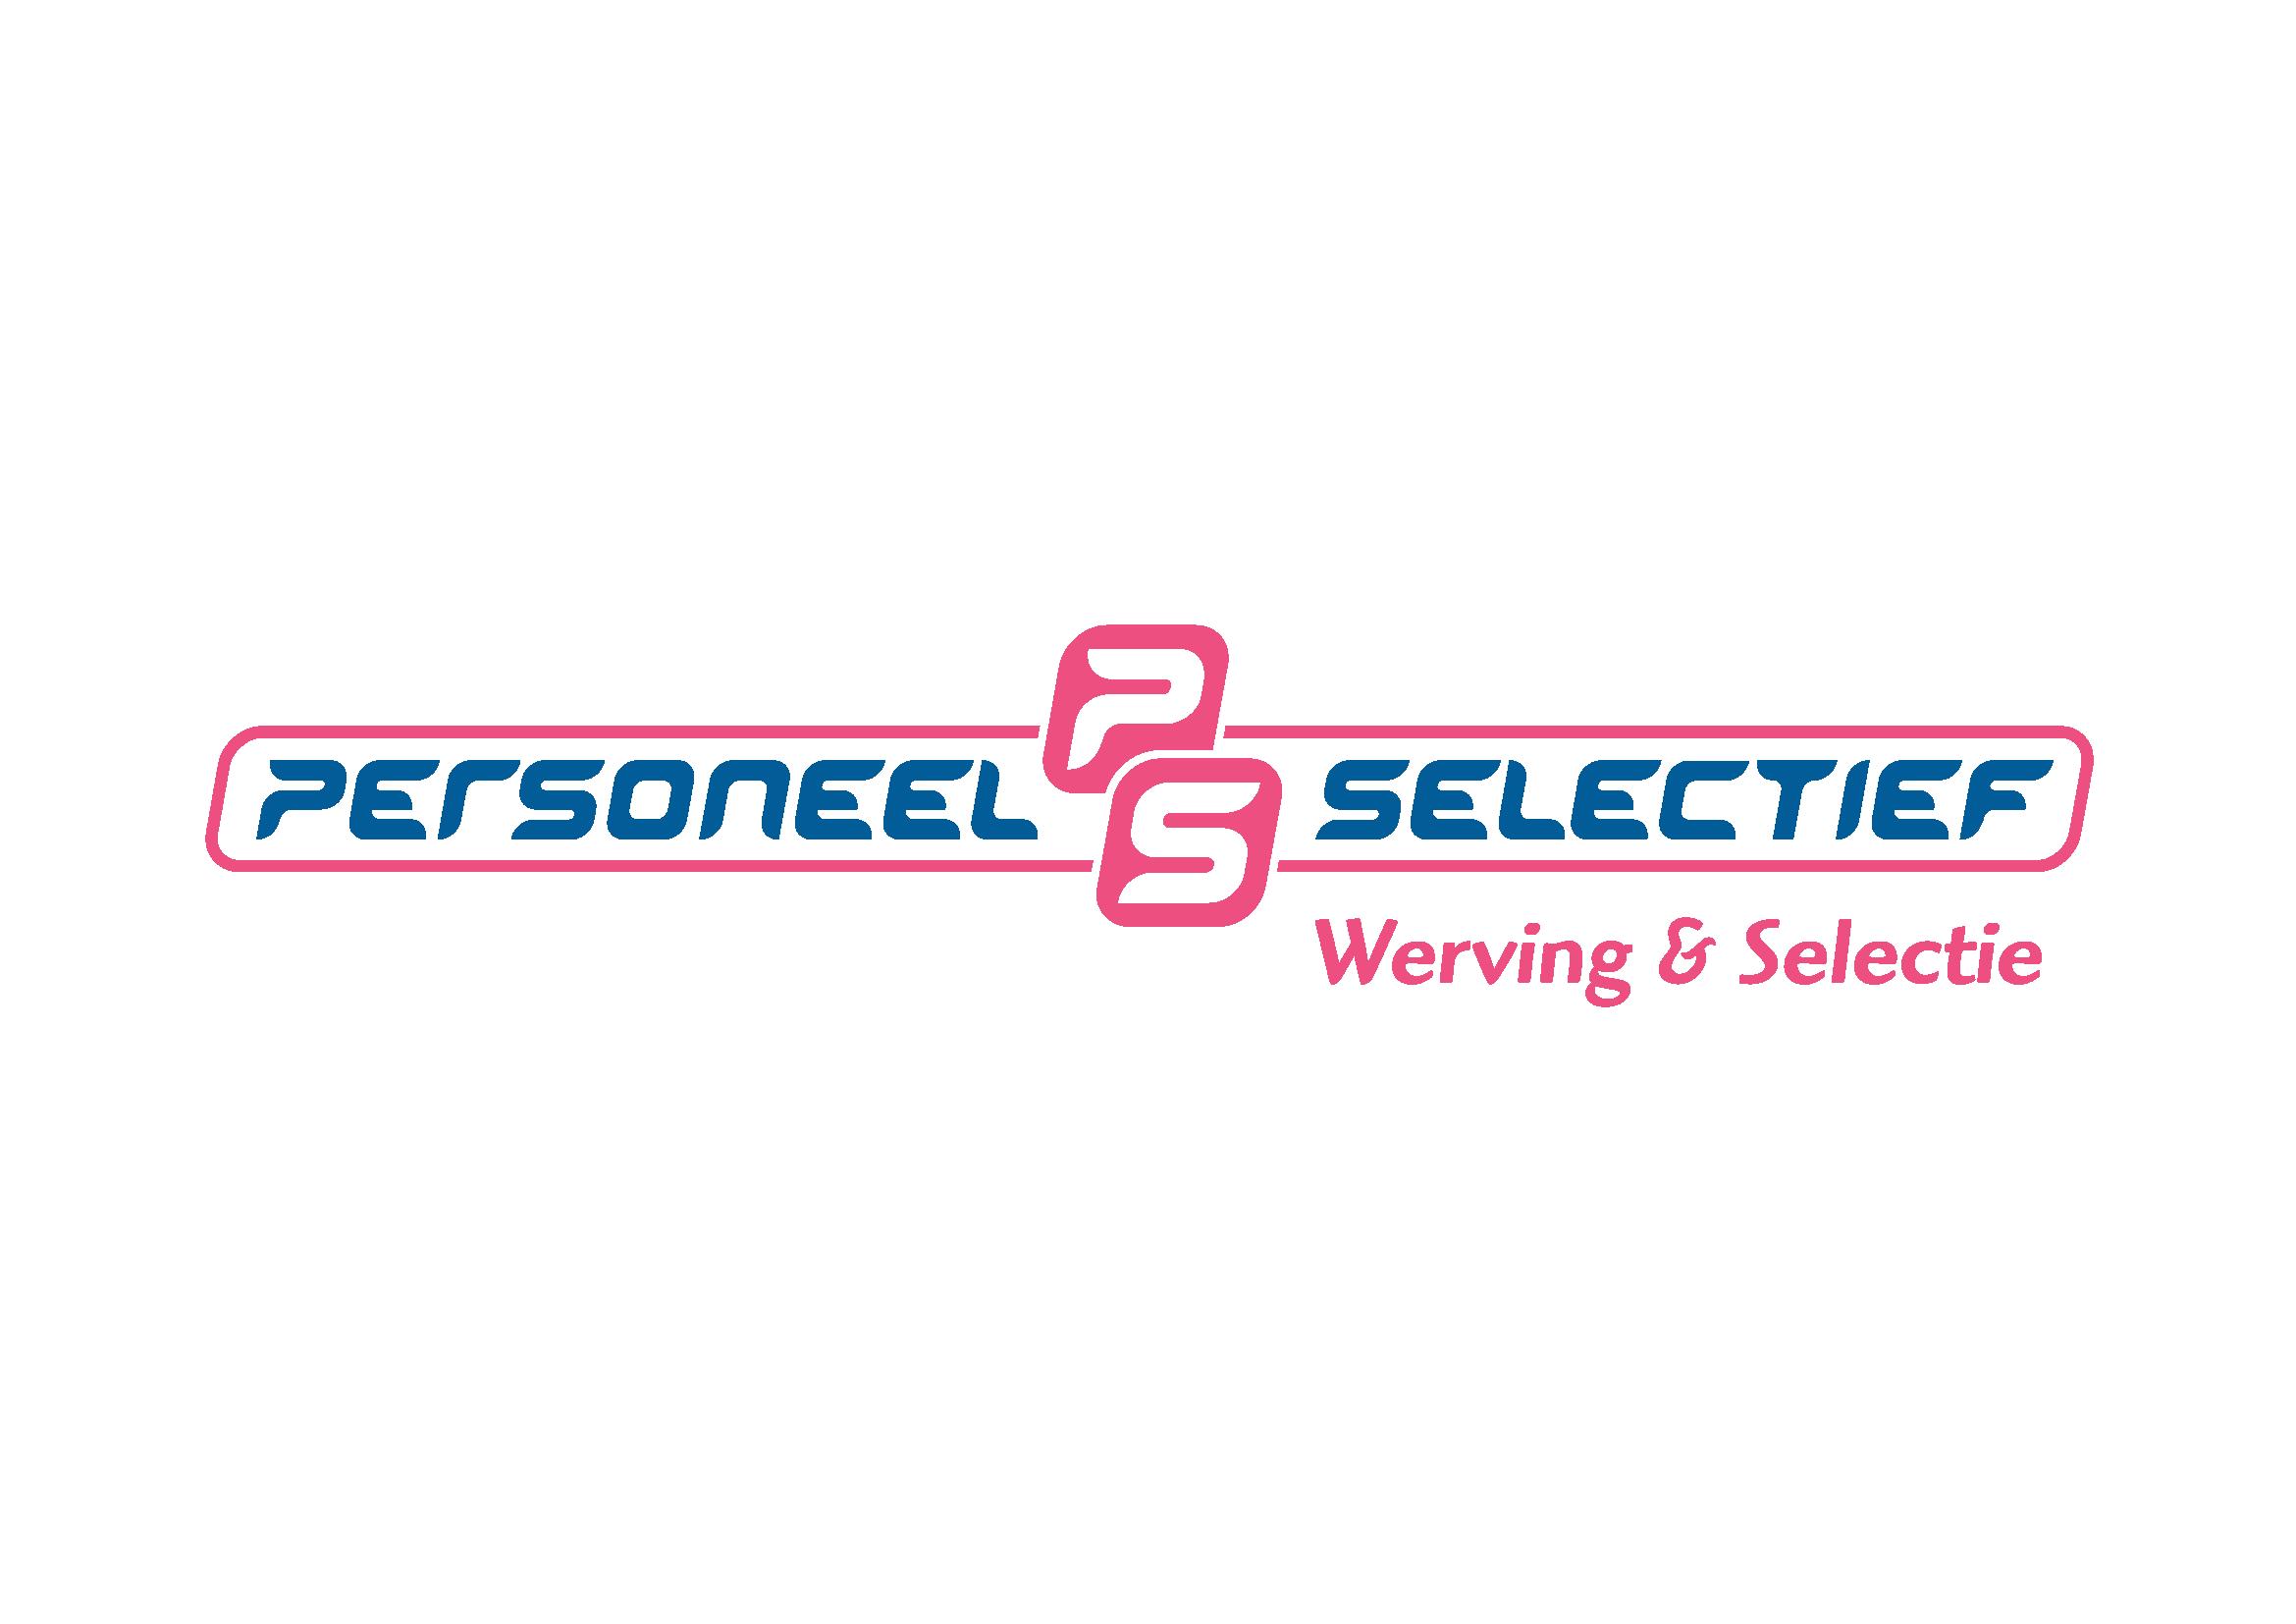 05 PersoneelSelectief - logo